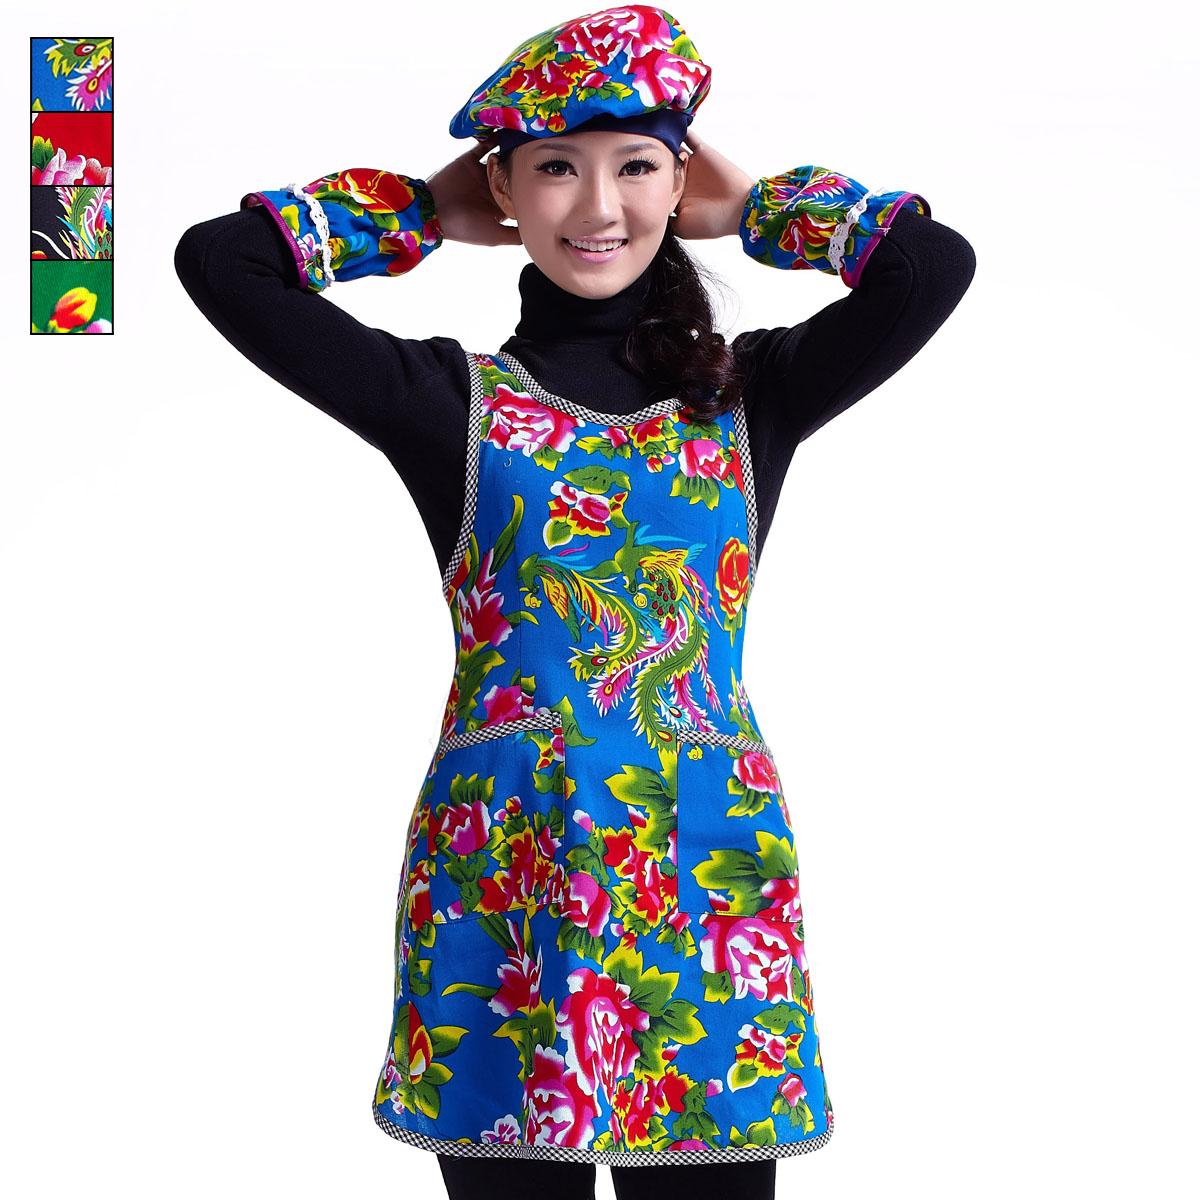 奶茶店火锅城蛋糕房茶楼工作服 79177多色花布围裙+袖套+帽子套装